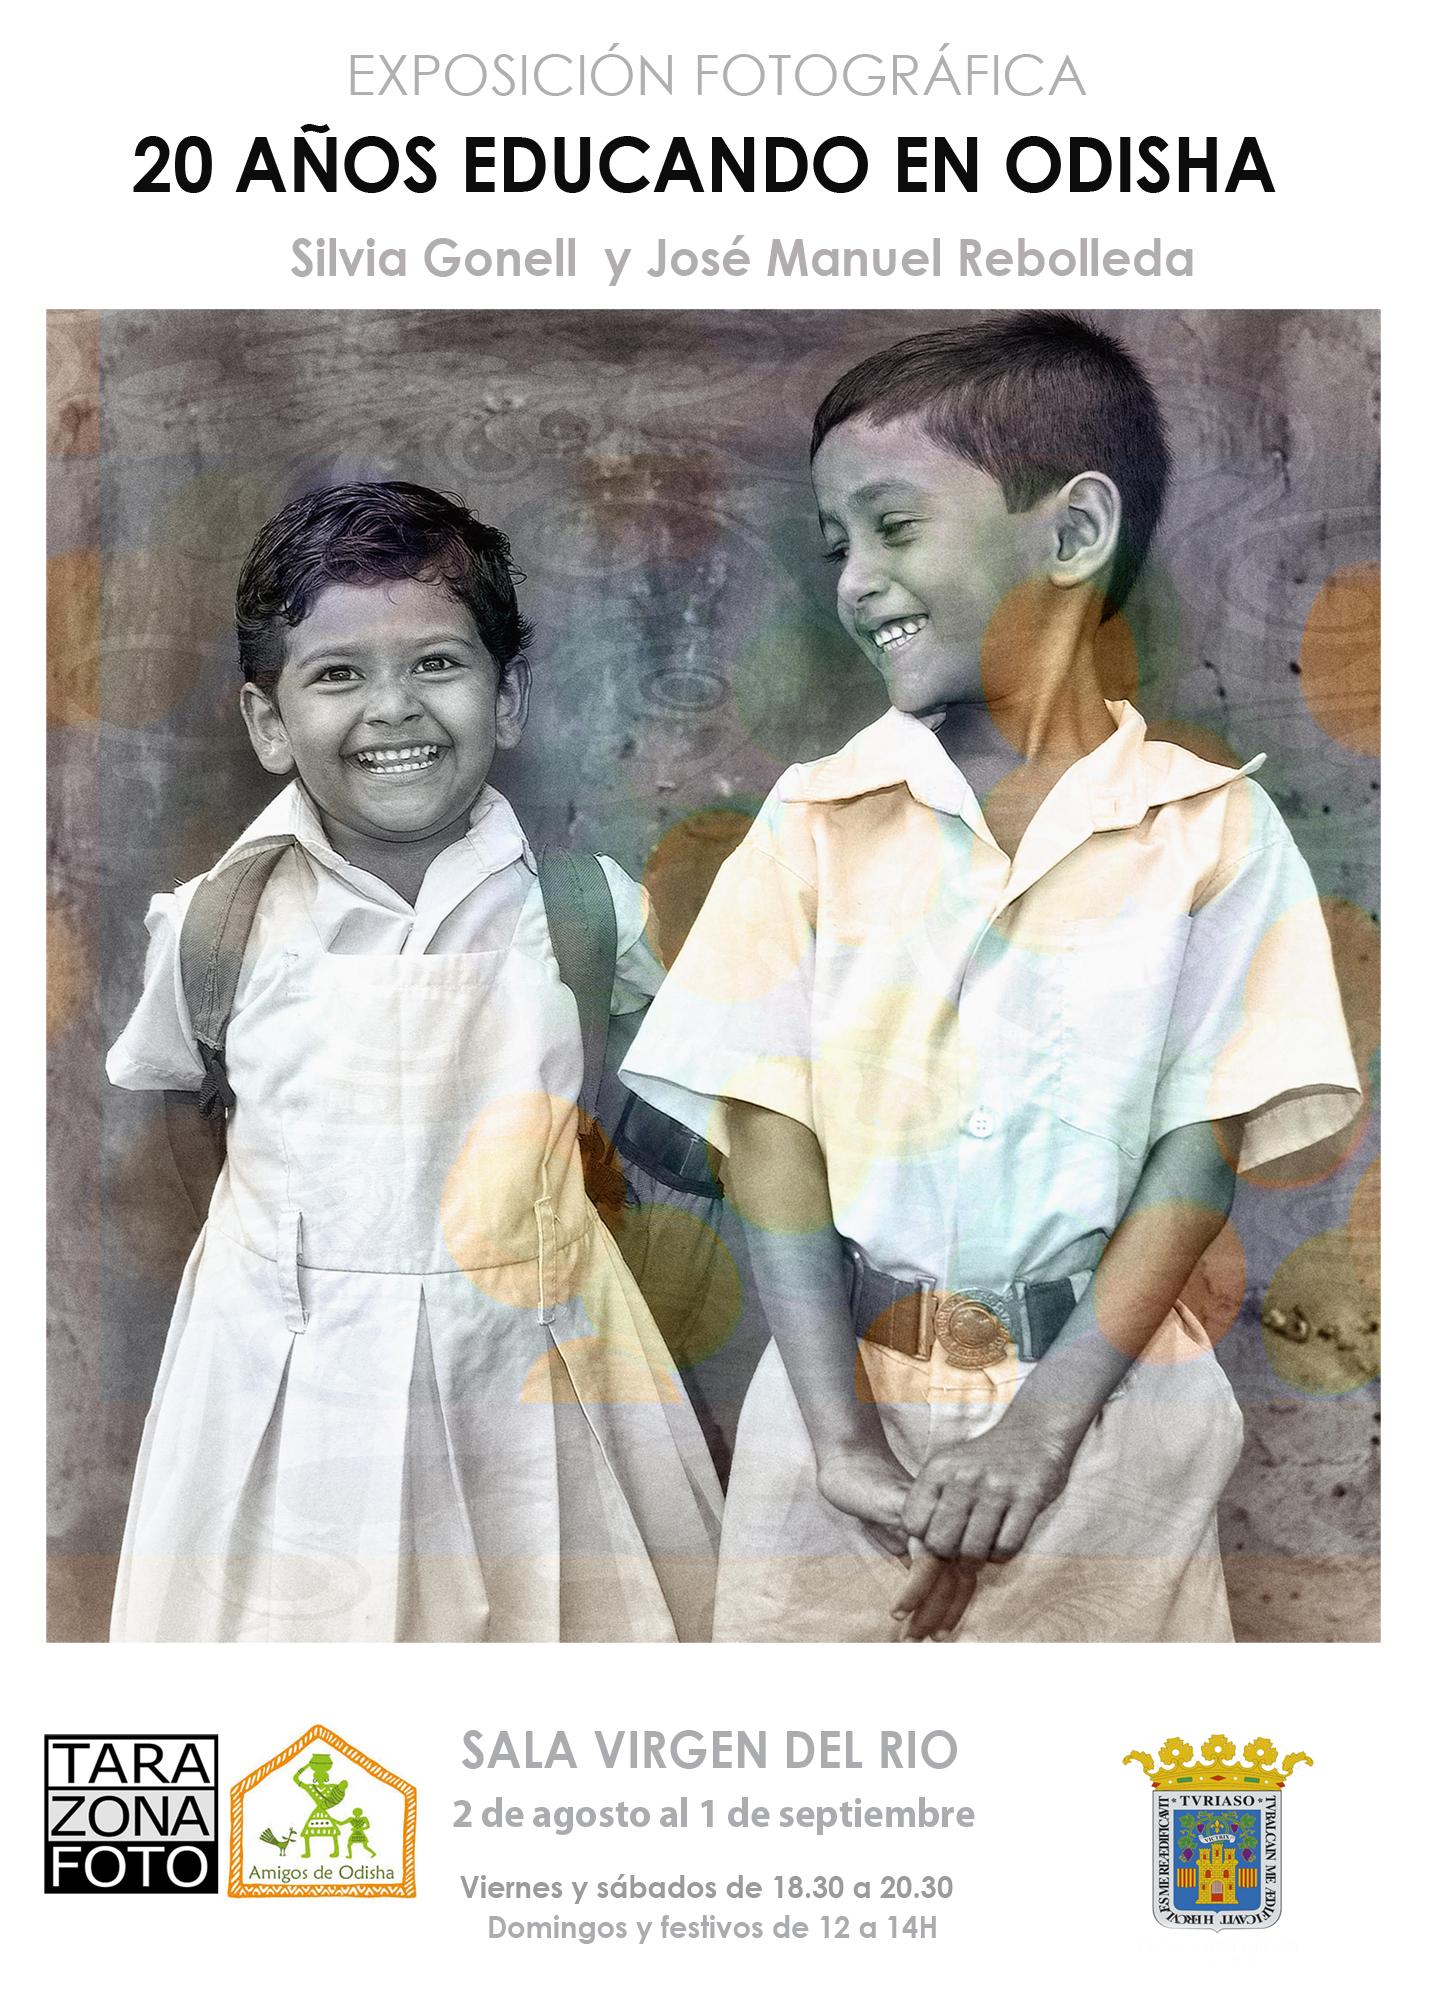 20 Años educando en Odisha